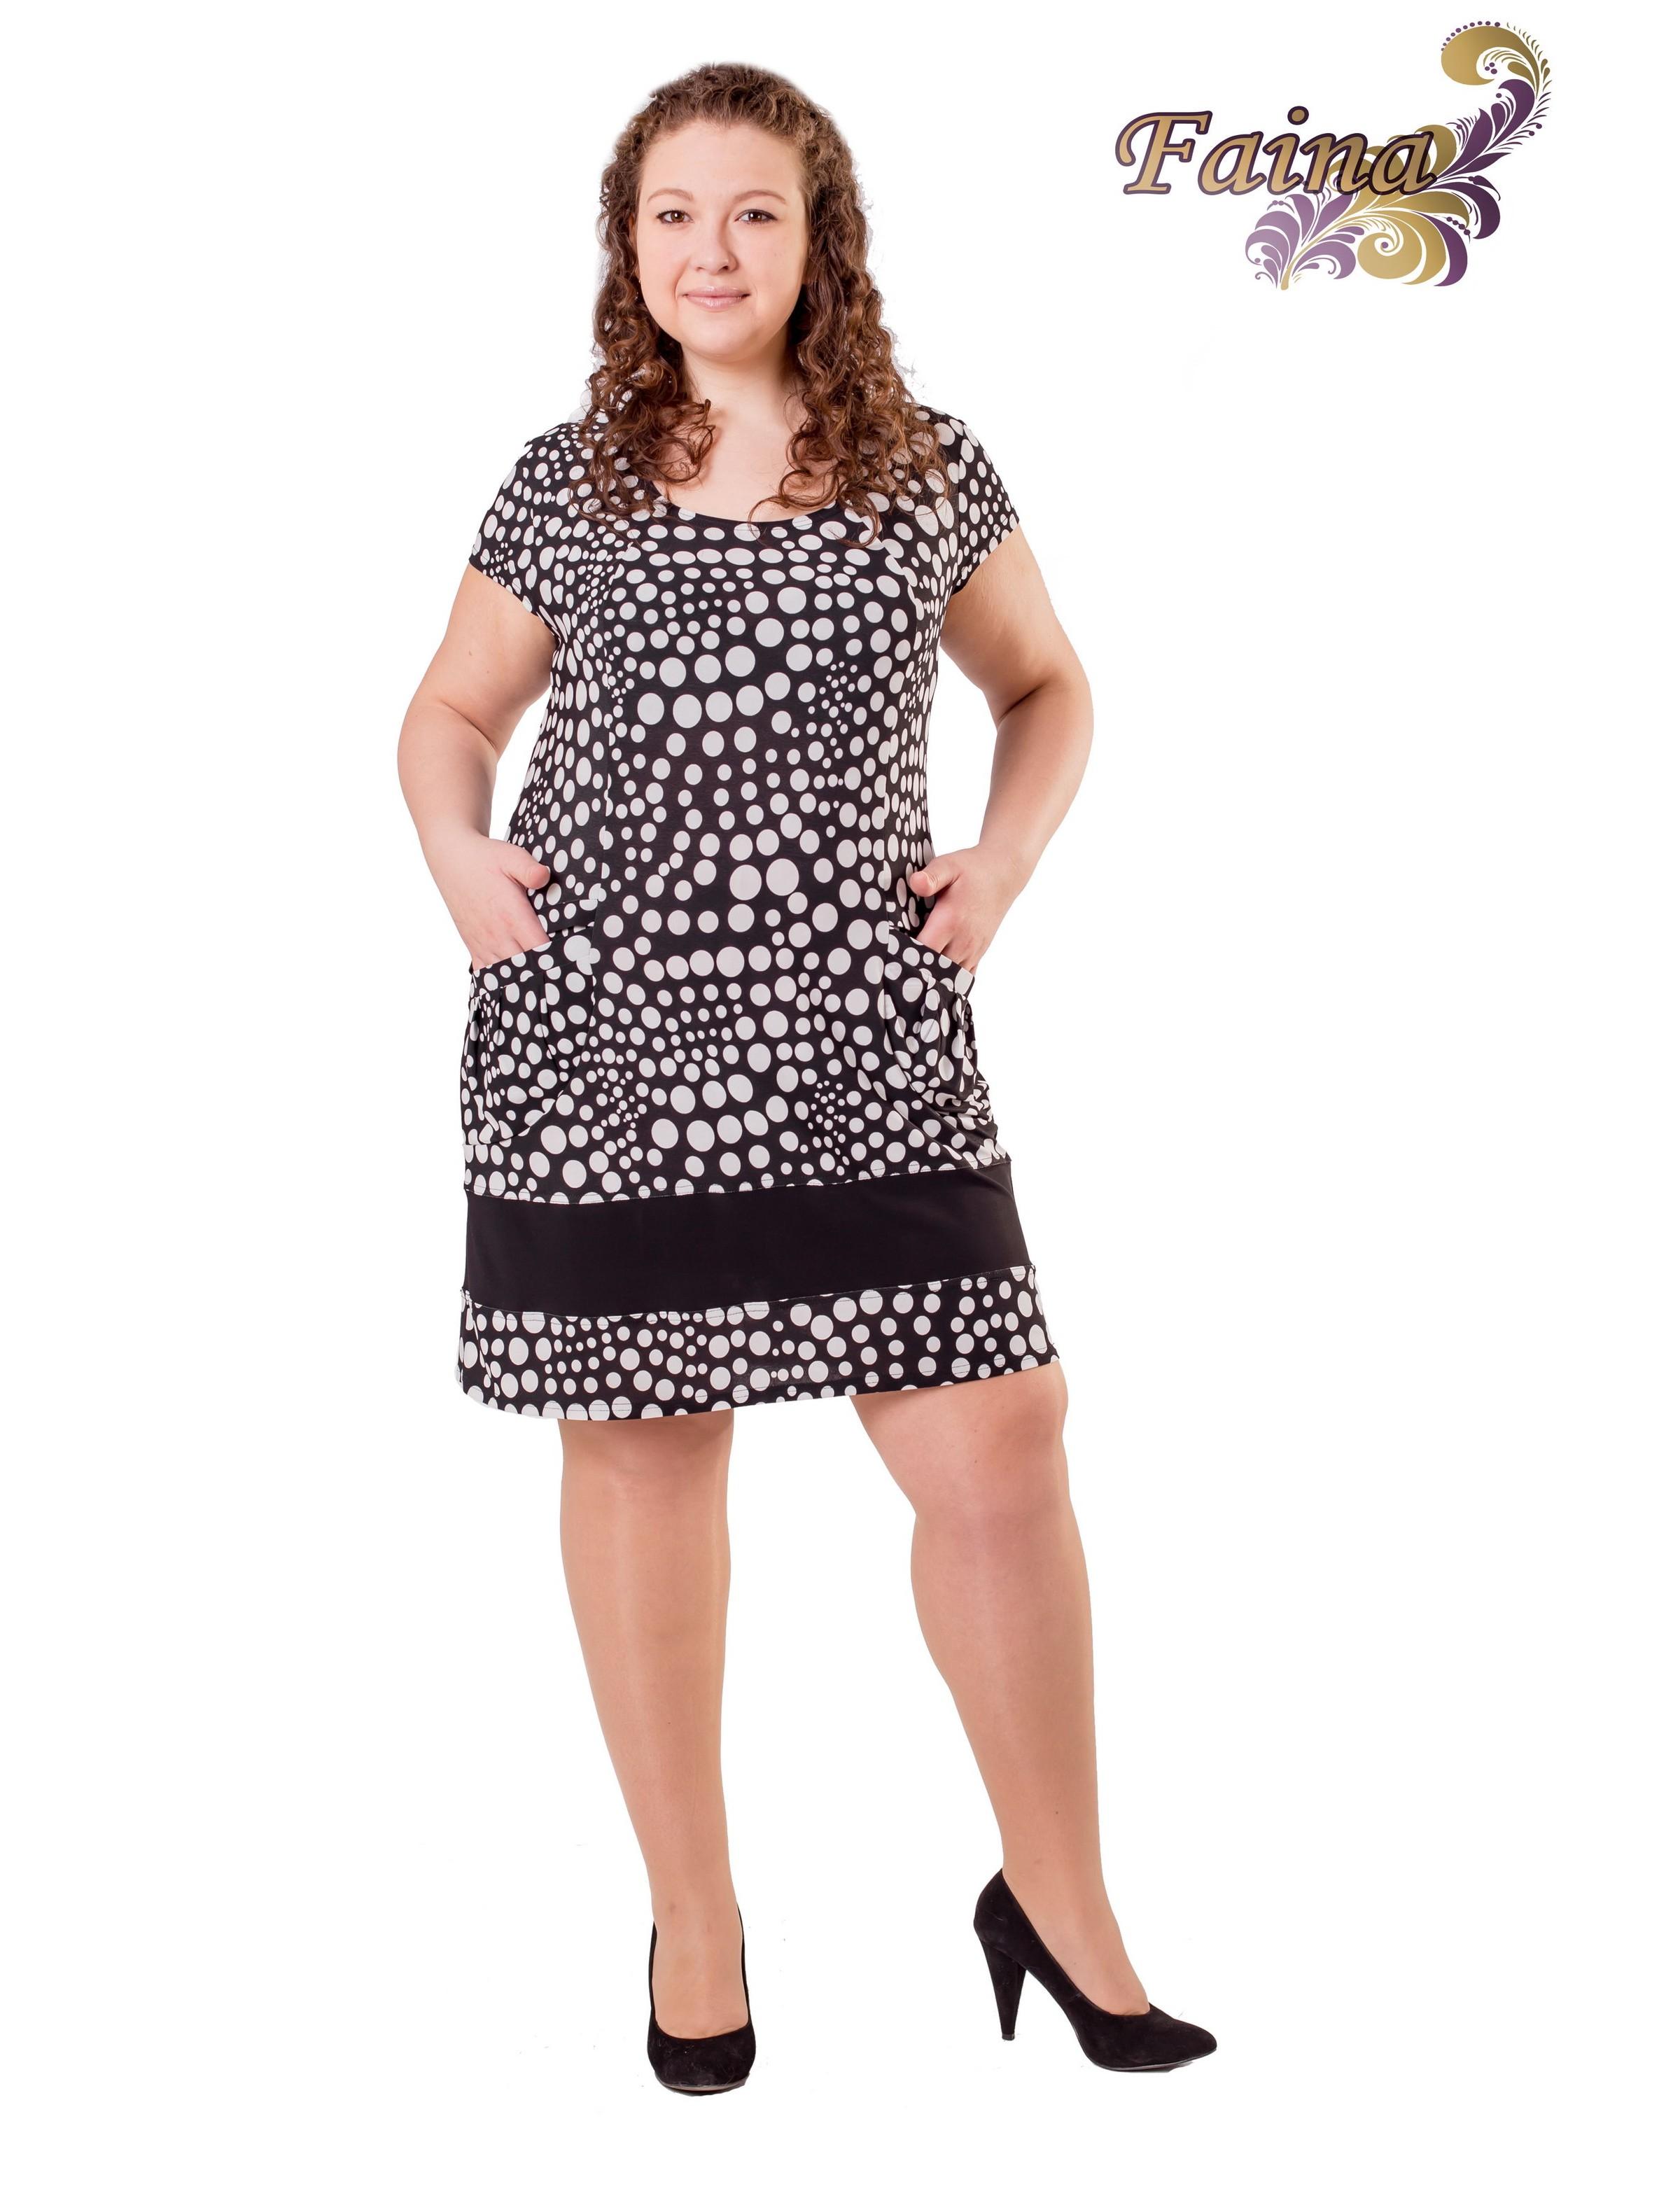 Дешевая Одежда Для Полных Девушек Доставка